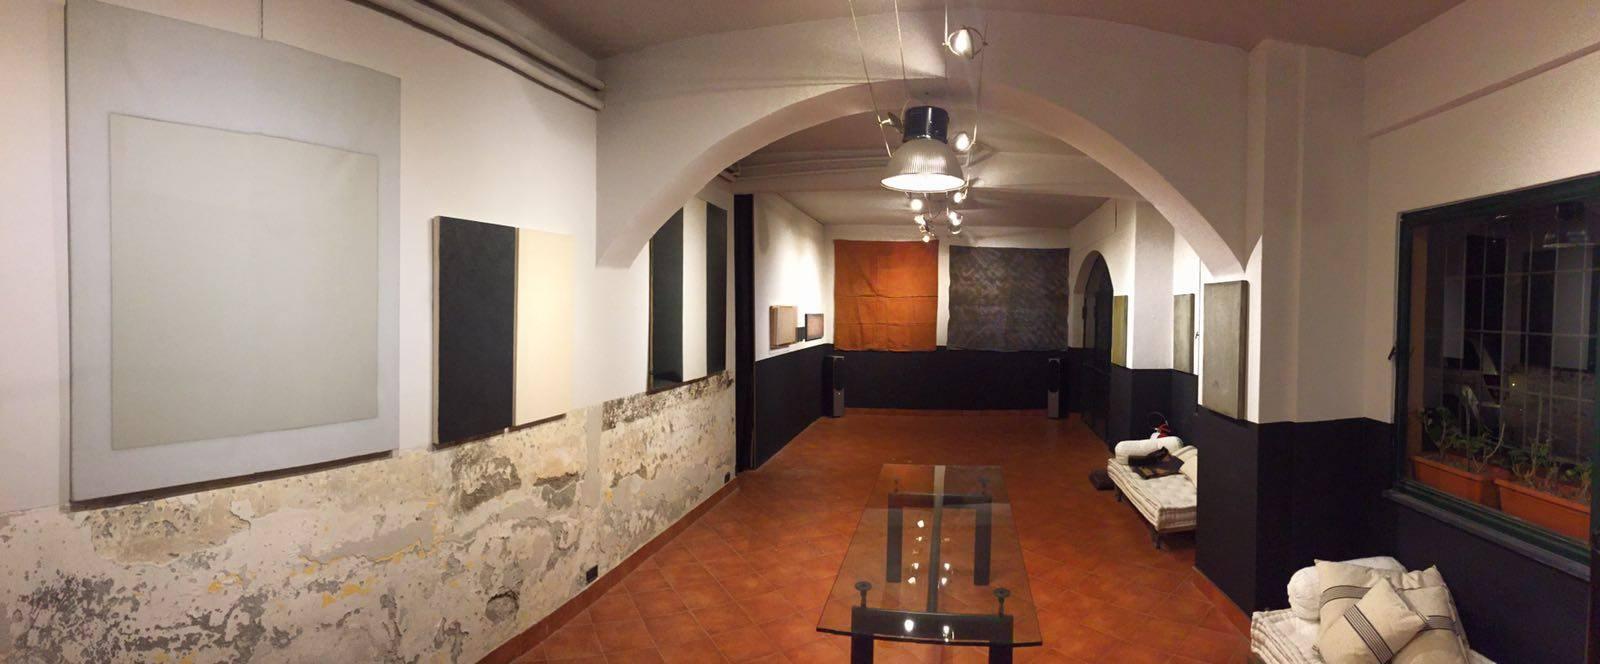 Acquisto Stampe Moderne ad Albaro. Rivolgiti a M&M DI ALESSIO MENESINI tel 0103623626 cell 335 6873801